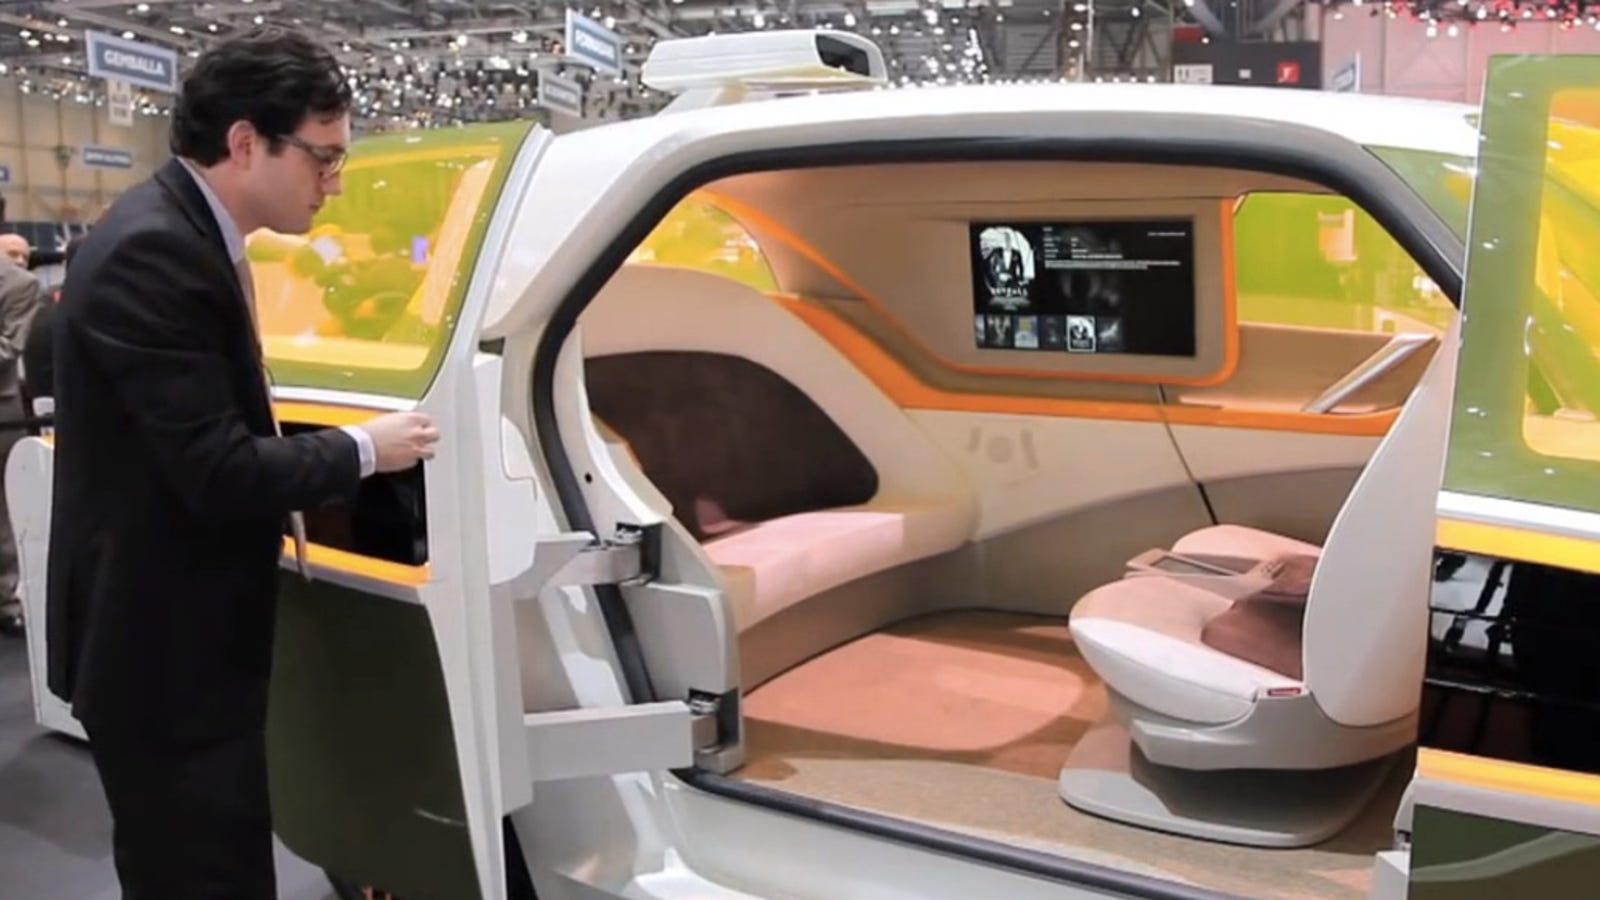 Eléctrico, autoconducido y transformable, ¿el futuro del coche?